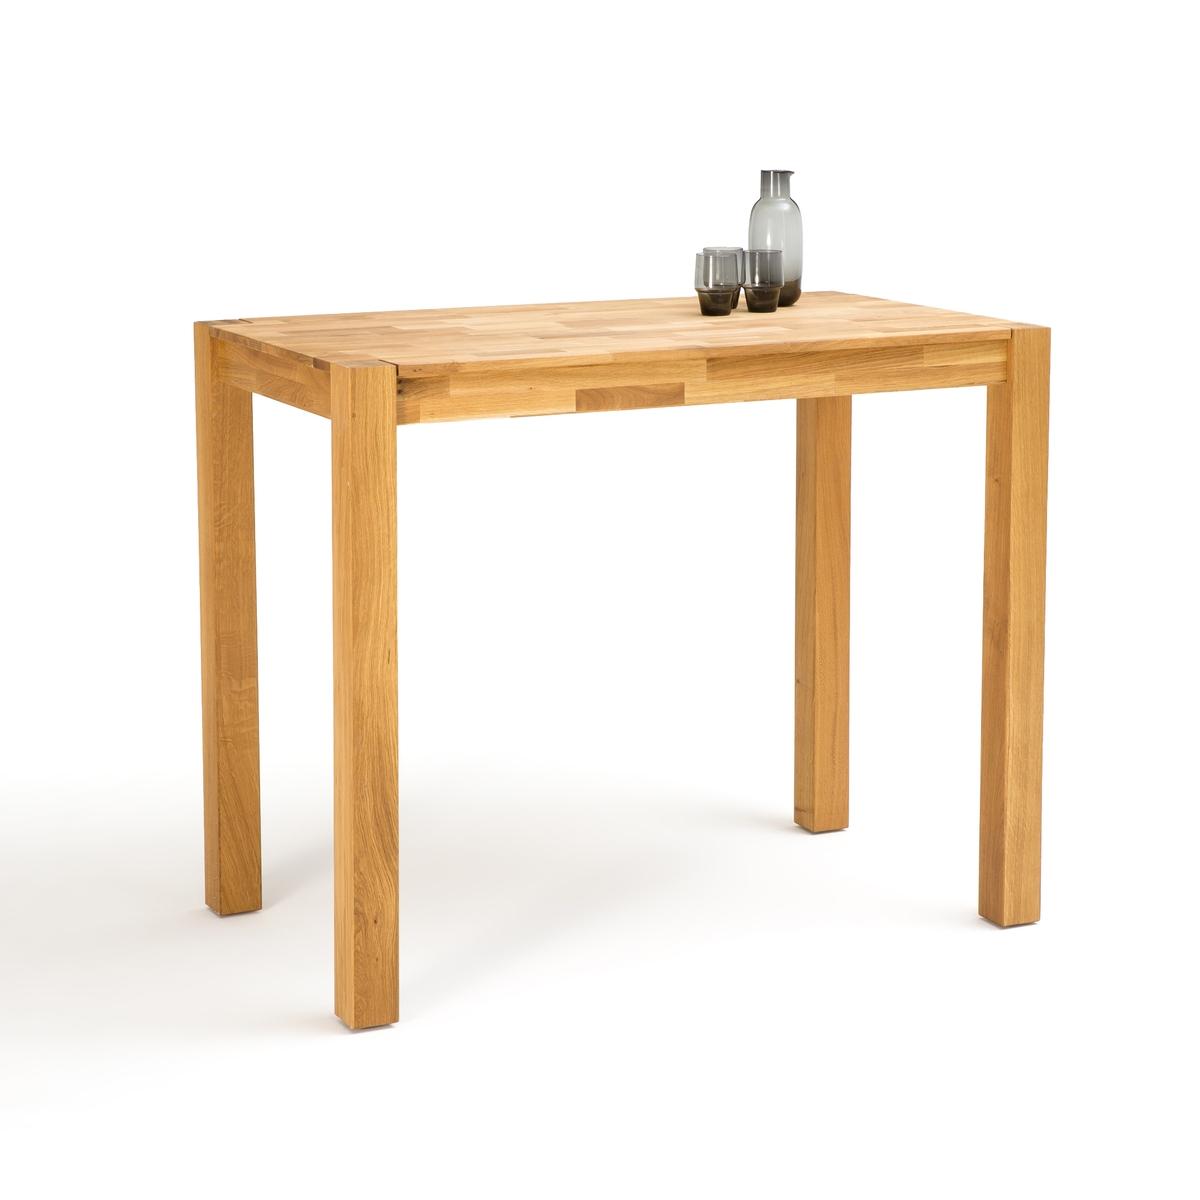 Стол La Redoute На персоны из массива дуба Adelita 4 персоны каштановый стол la redoute барный janik регулируемый по высоте 2 персоны белый